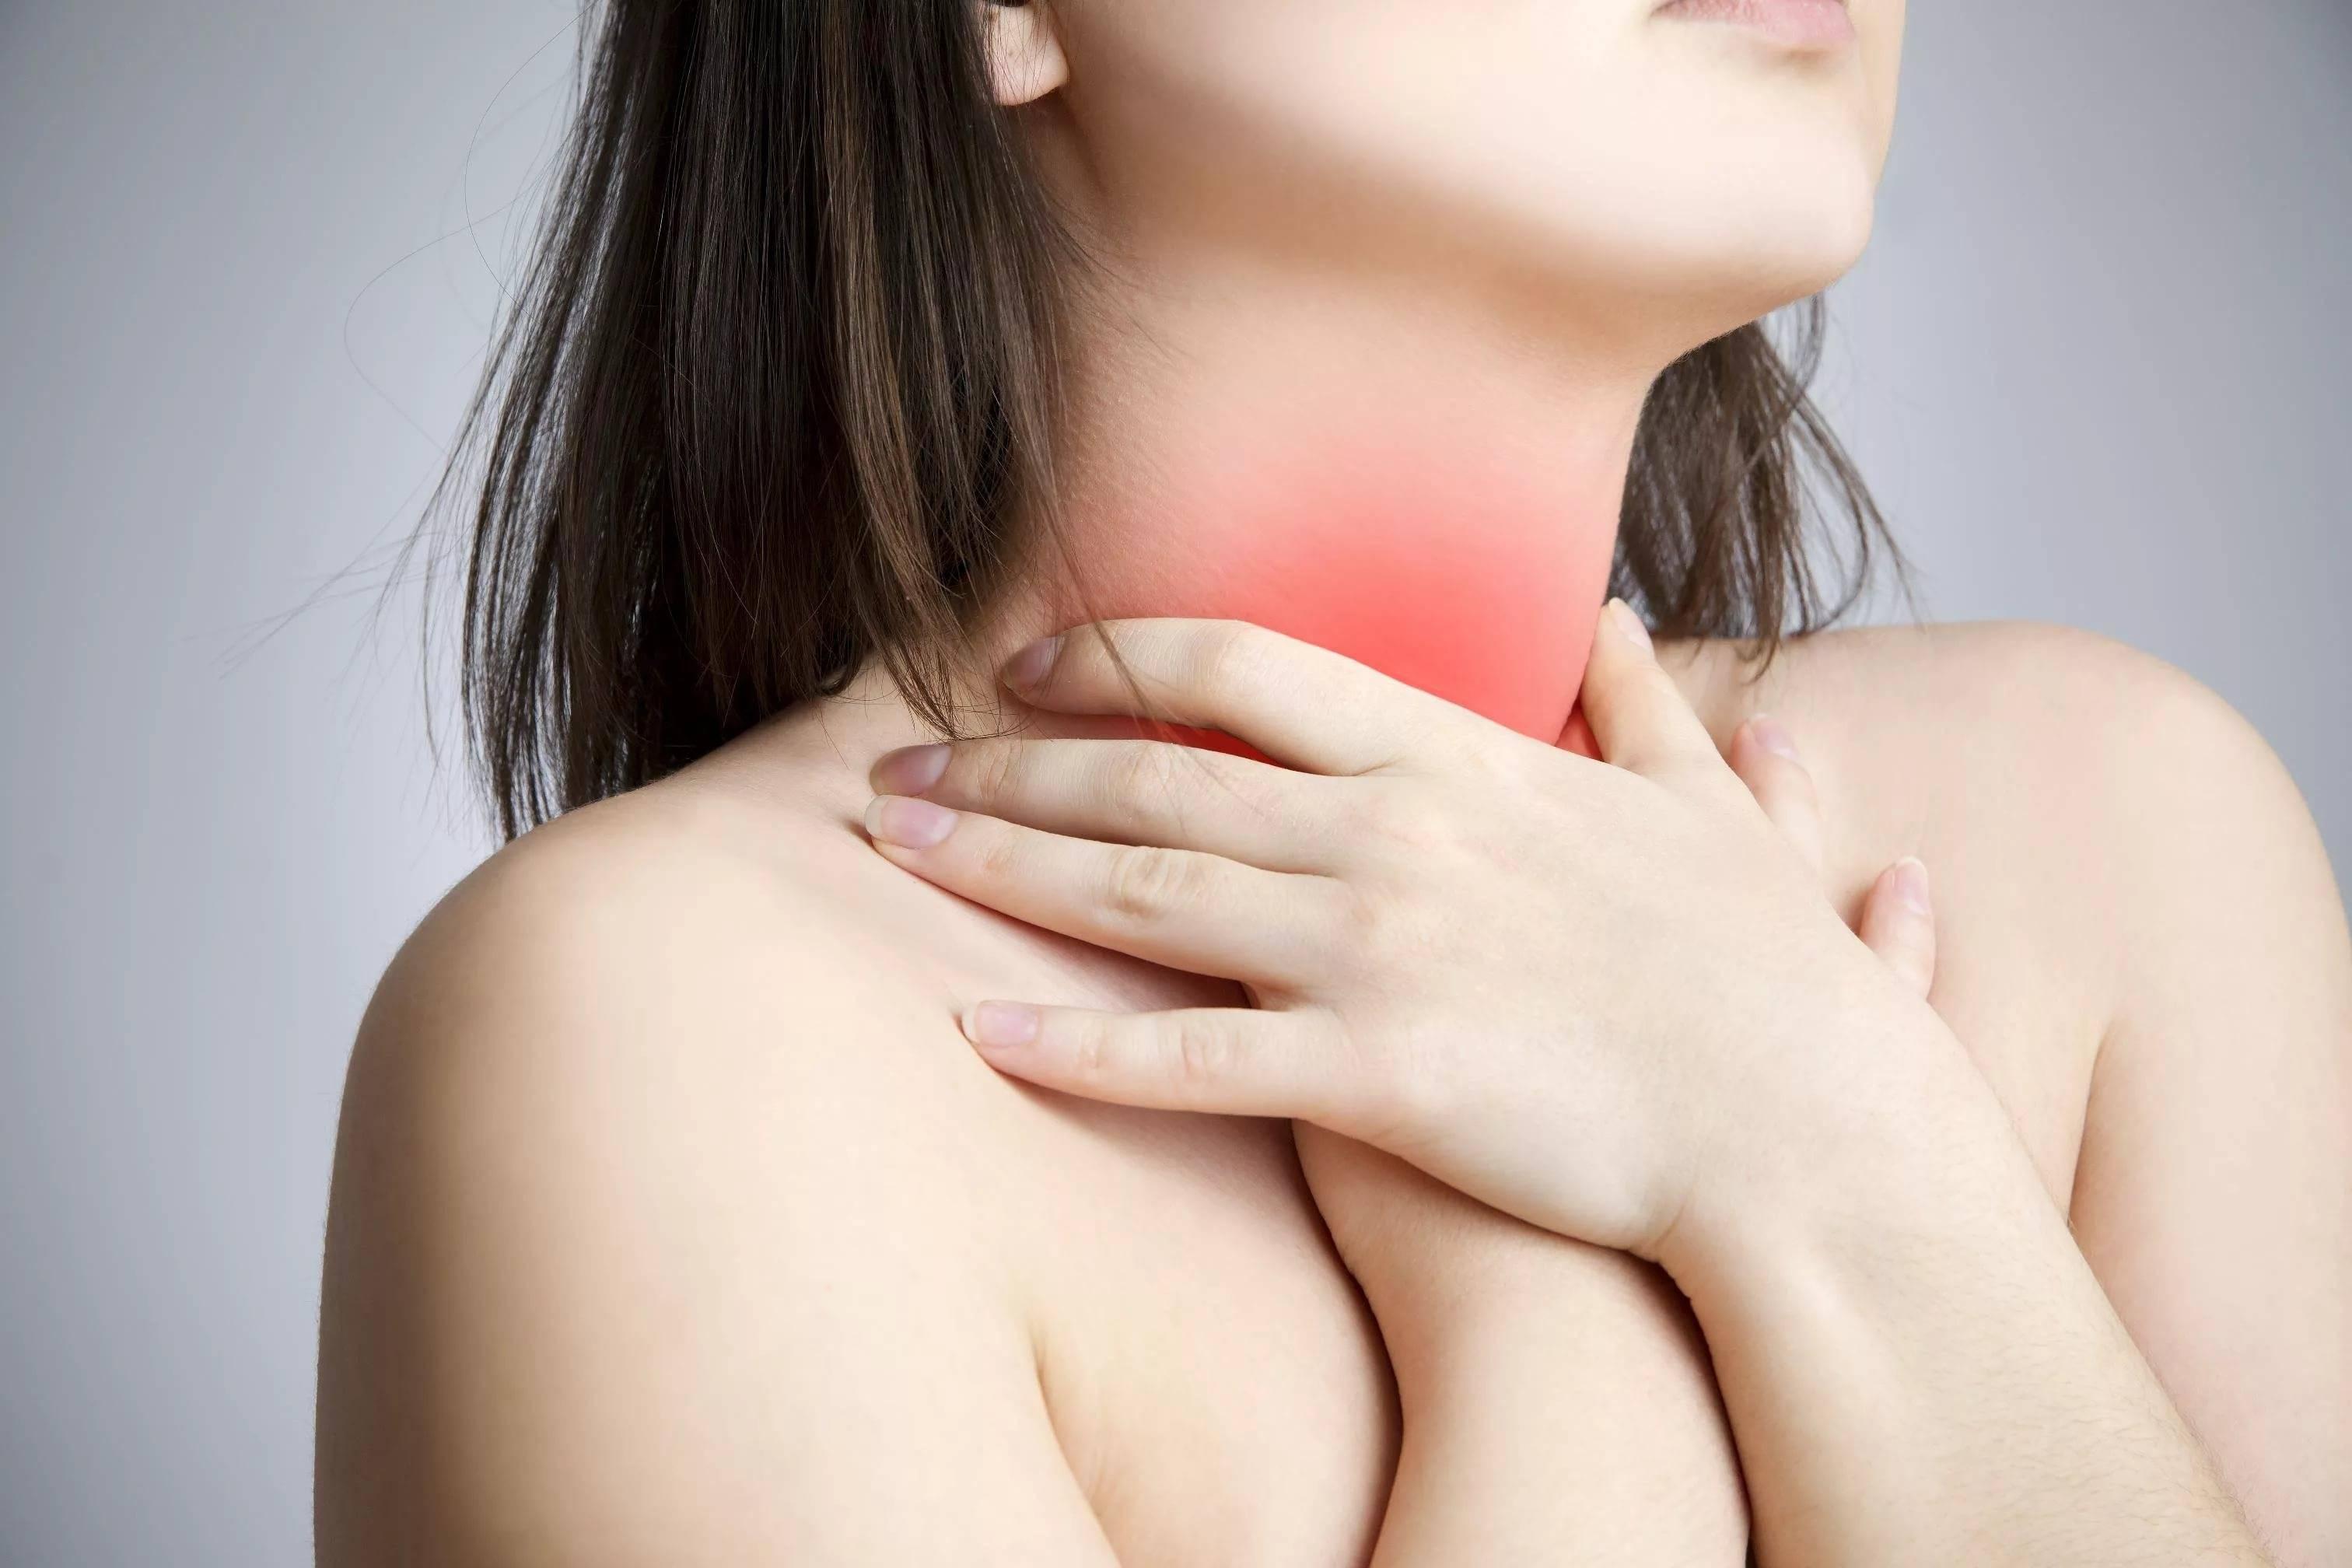 Заболевания горла и гортани: какие существуют, как лечить и причины развития